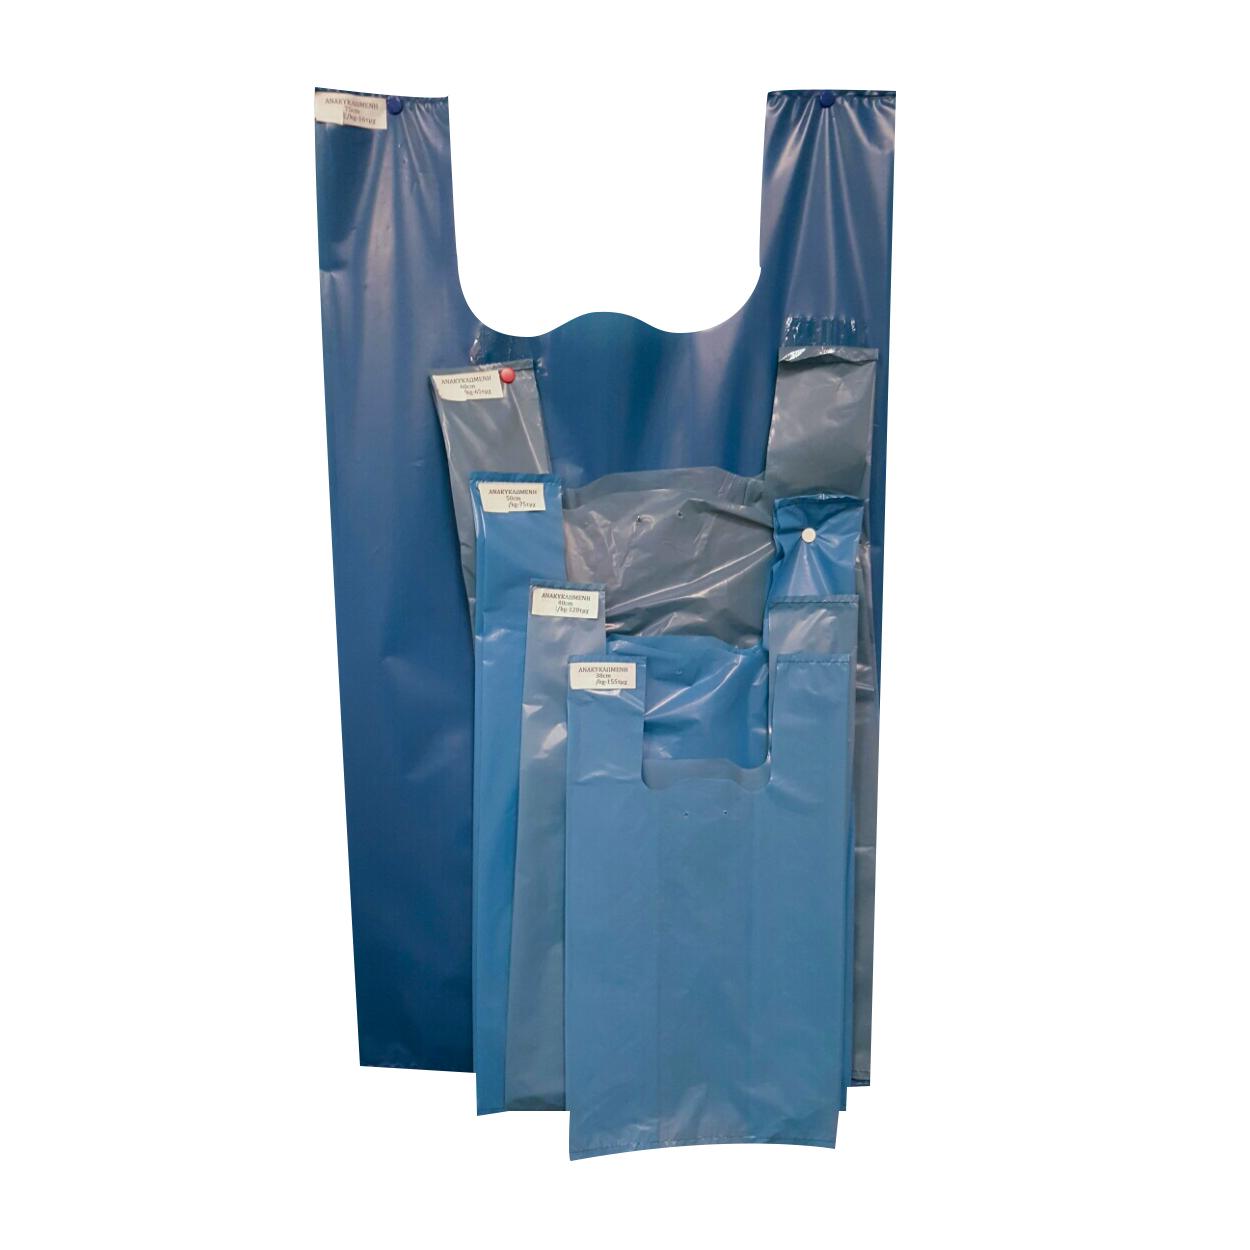 Σακούλες Ανακυκλωμένες Β' Ποιότητα Μπλε